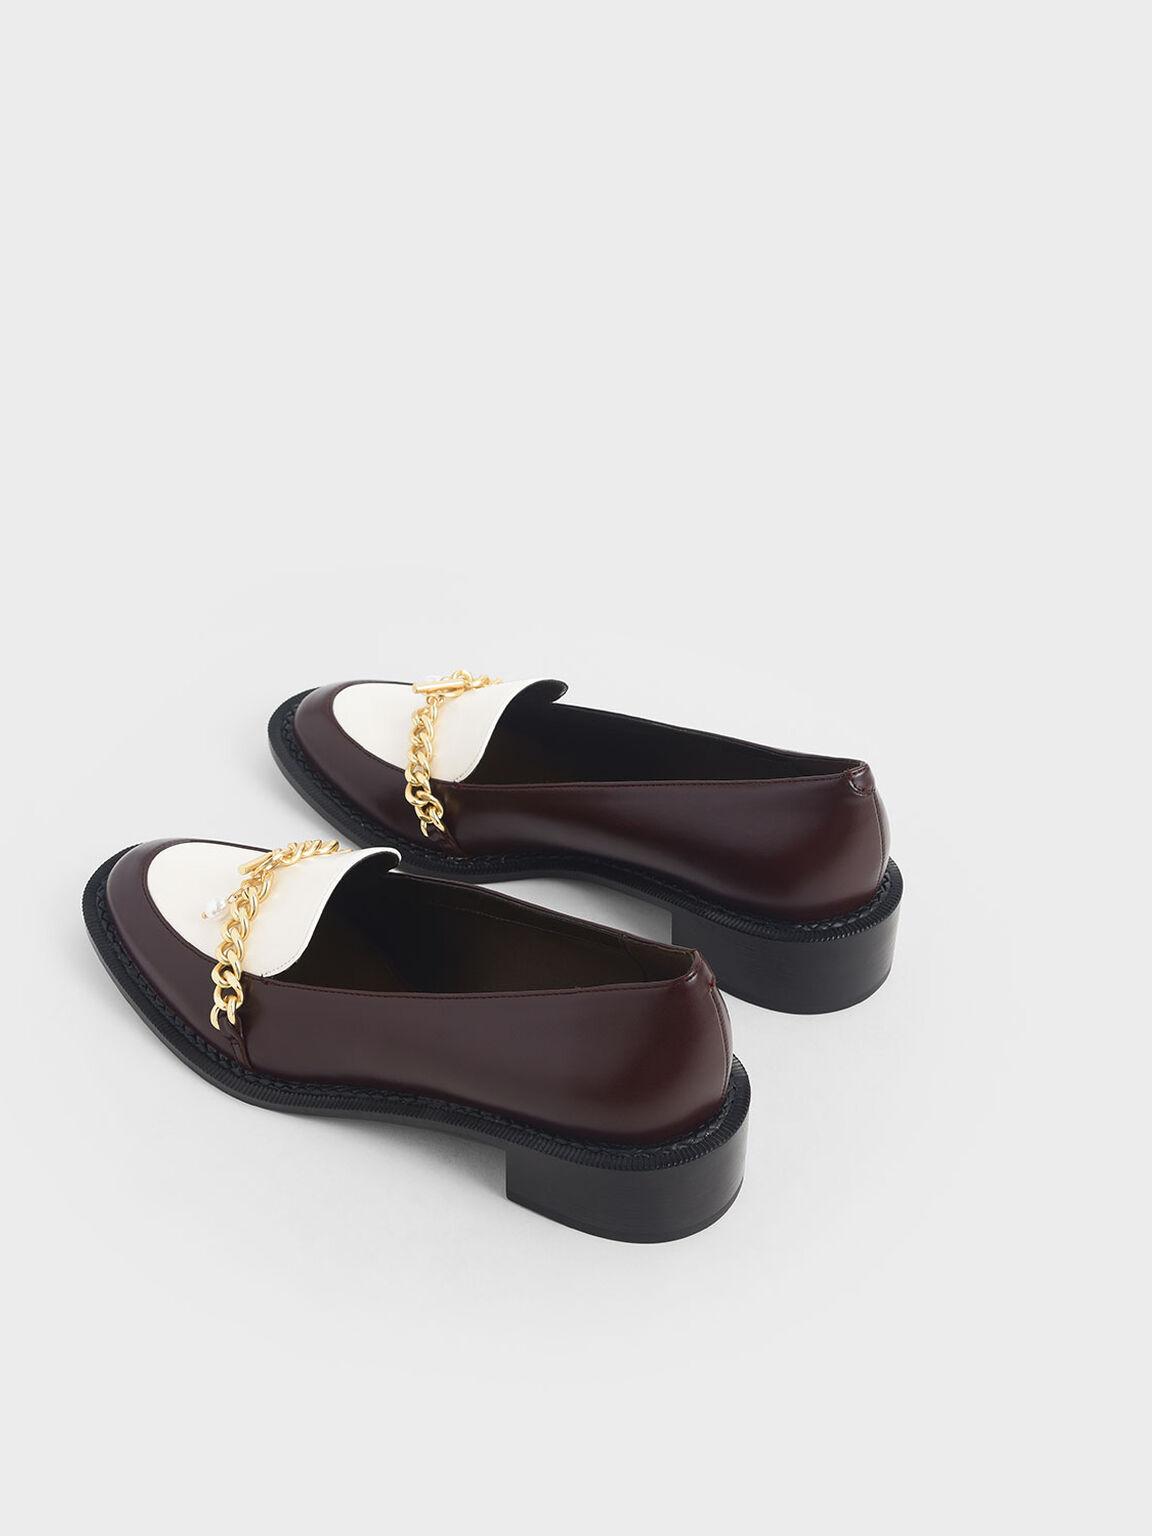 金屬鍊條樂福鞋, 棗紅色, hi-res